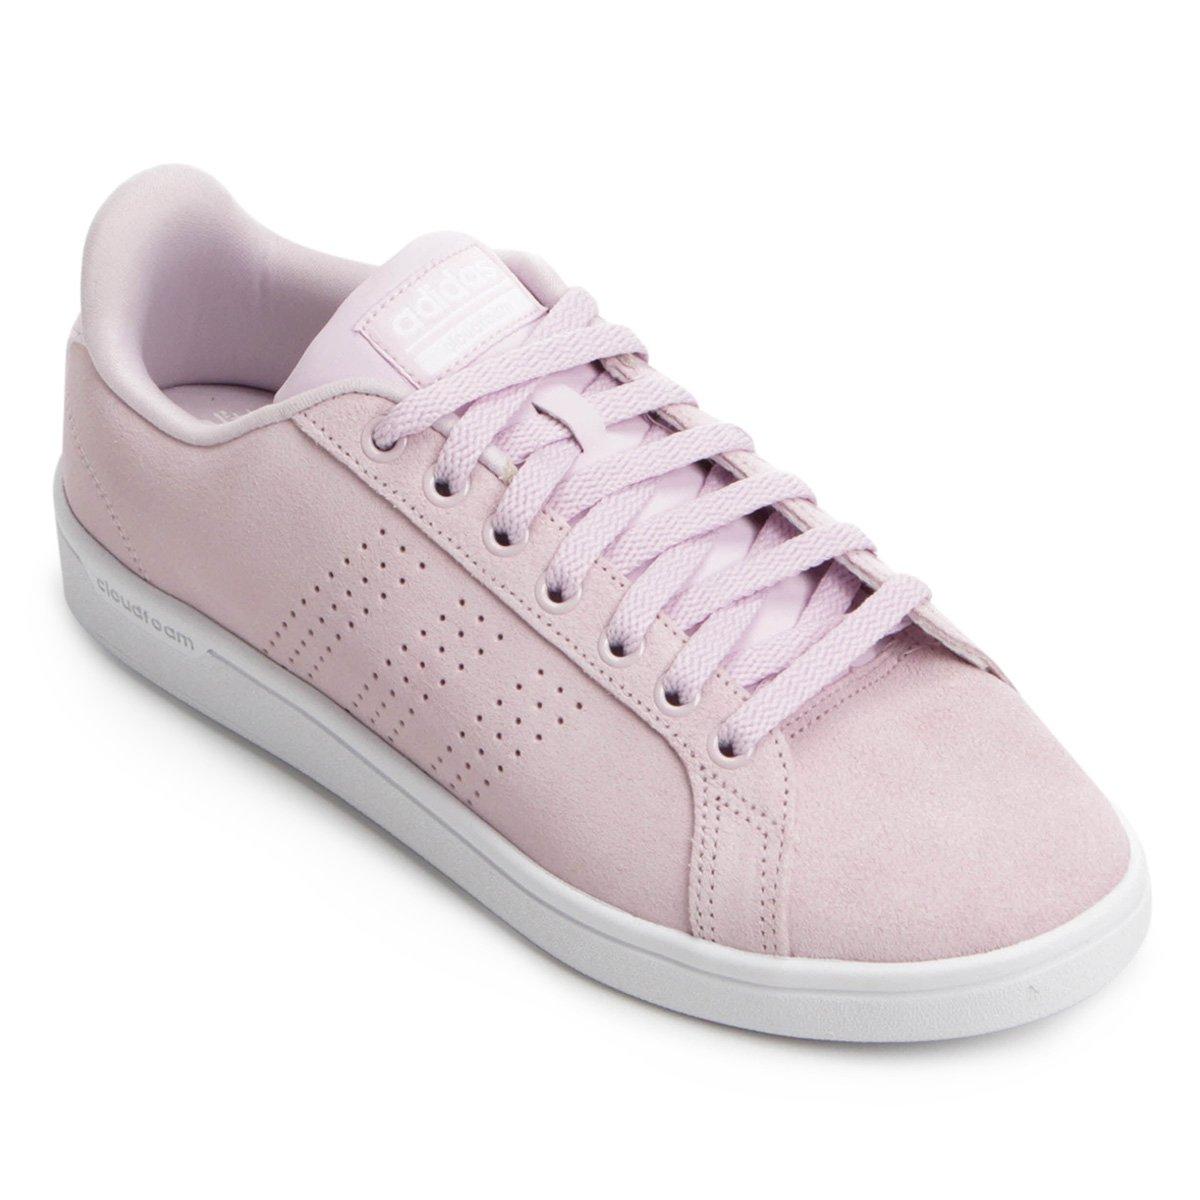 882e0ffc64 ... Tênis Adidas Cf Advantage Clean Feminino - Pink - Compre Agora São ...  d0a298786a120d ...